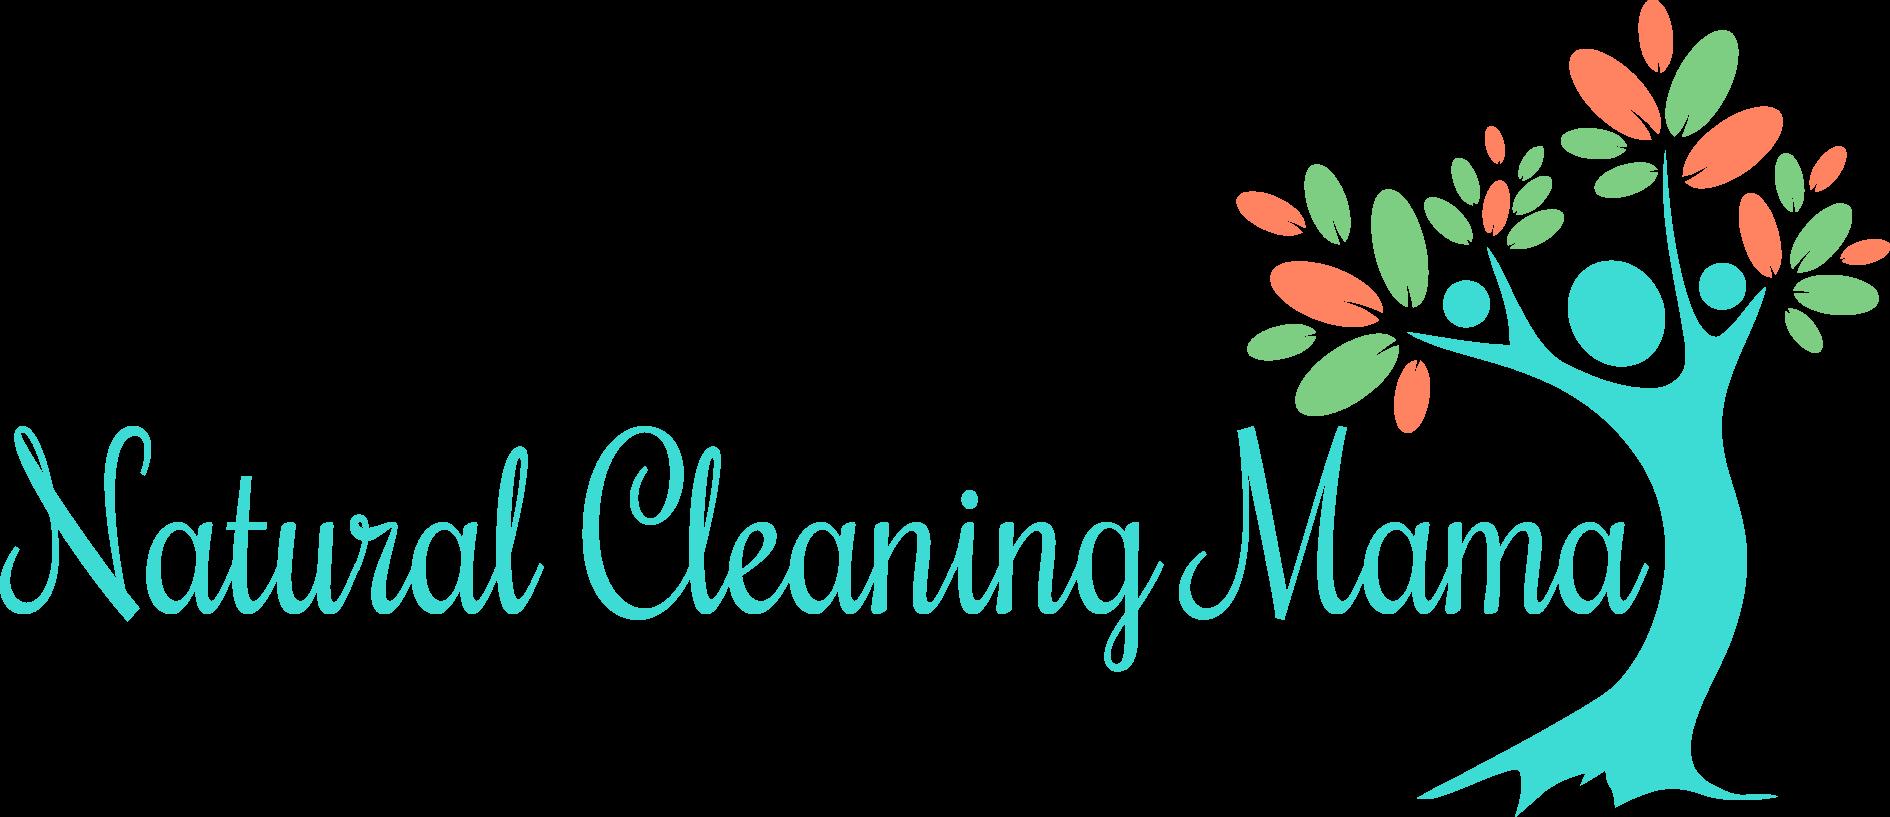 Natural Cleaning Mama | H2O at Home